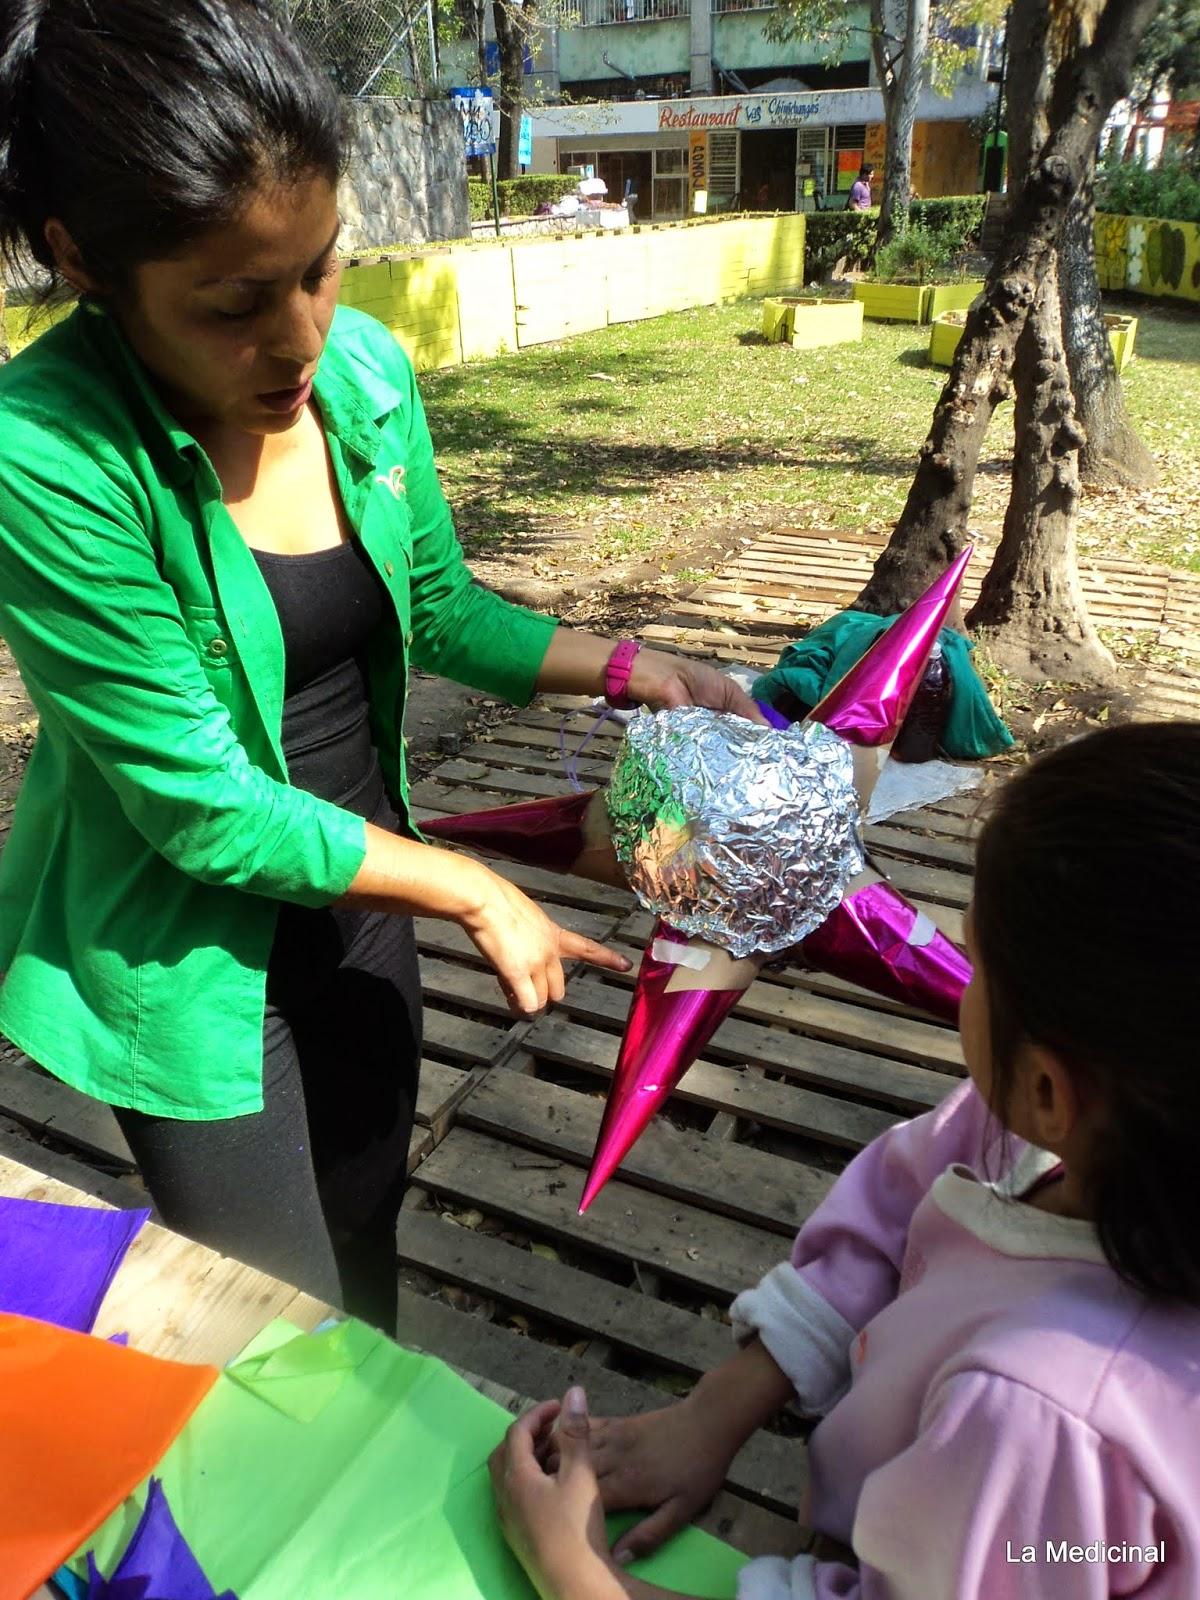 Taller de elaboración de piñatas | La Medicinal